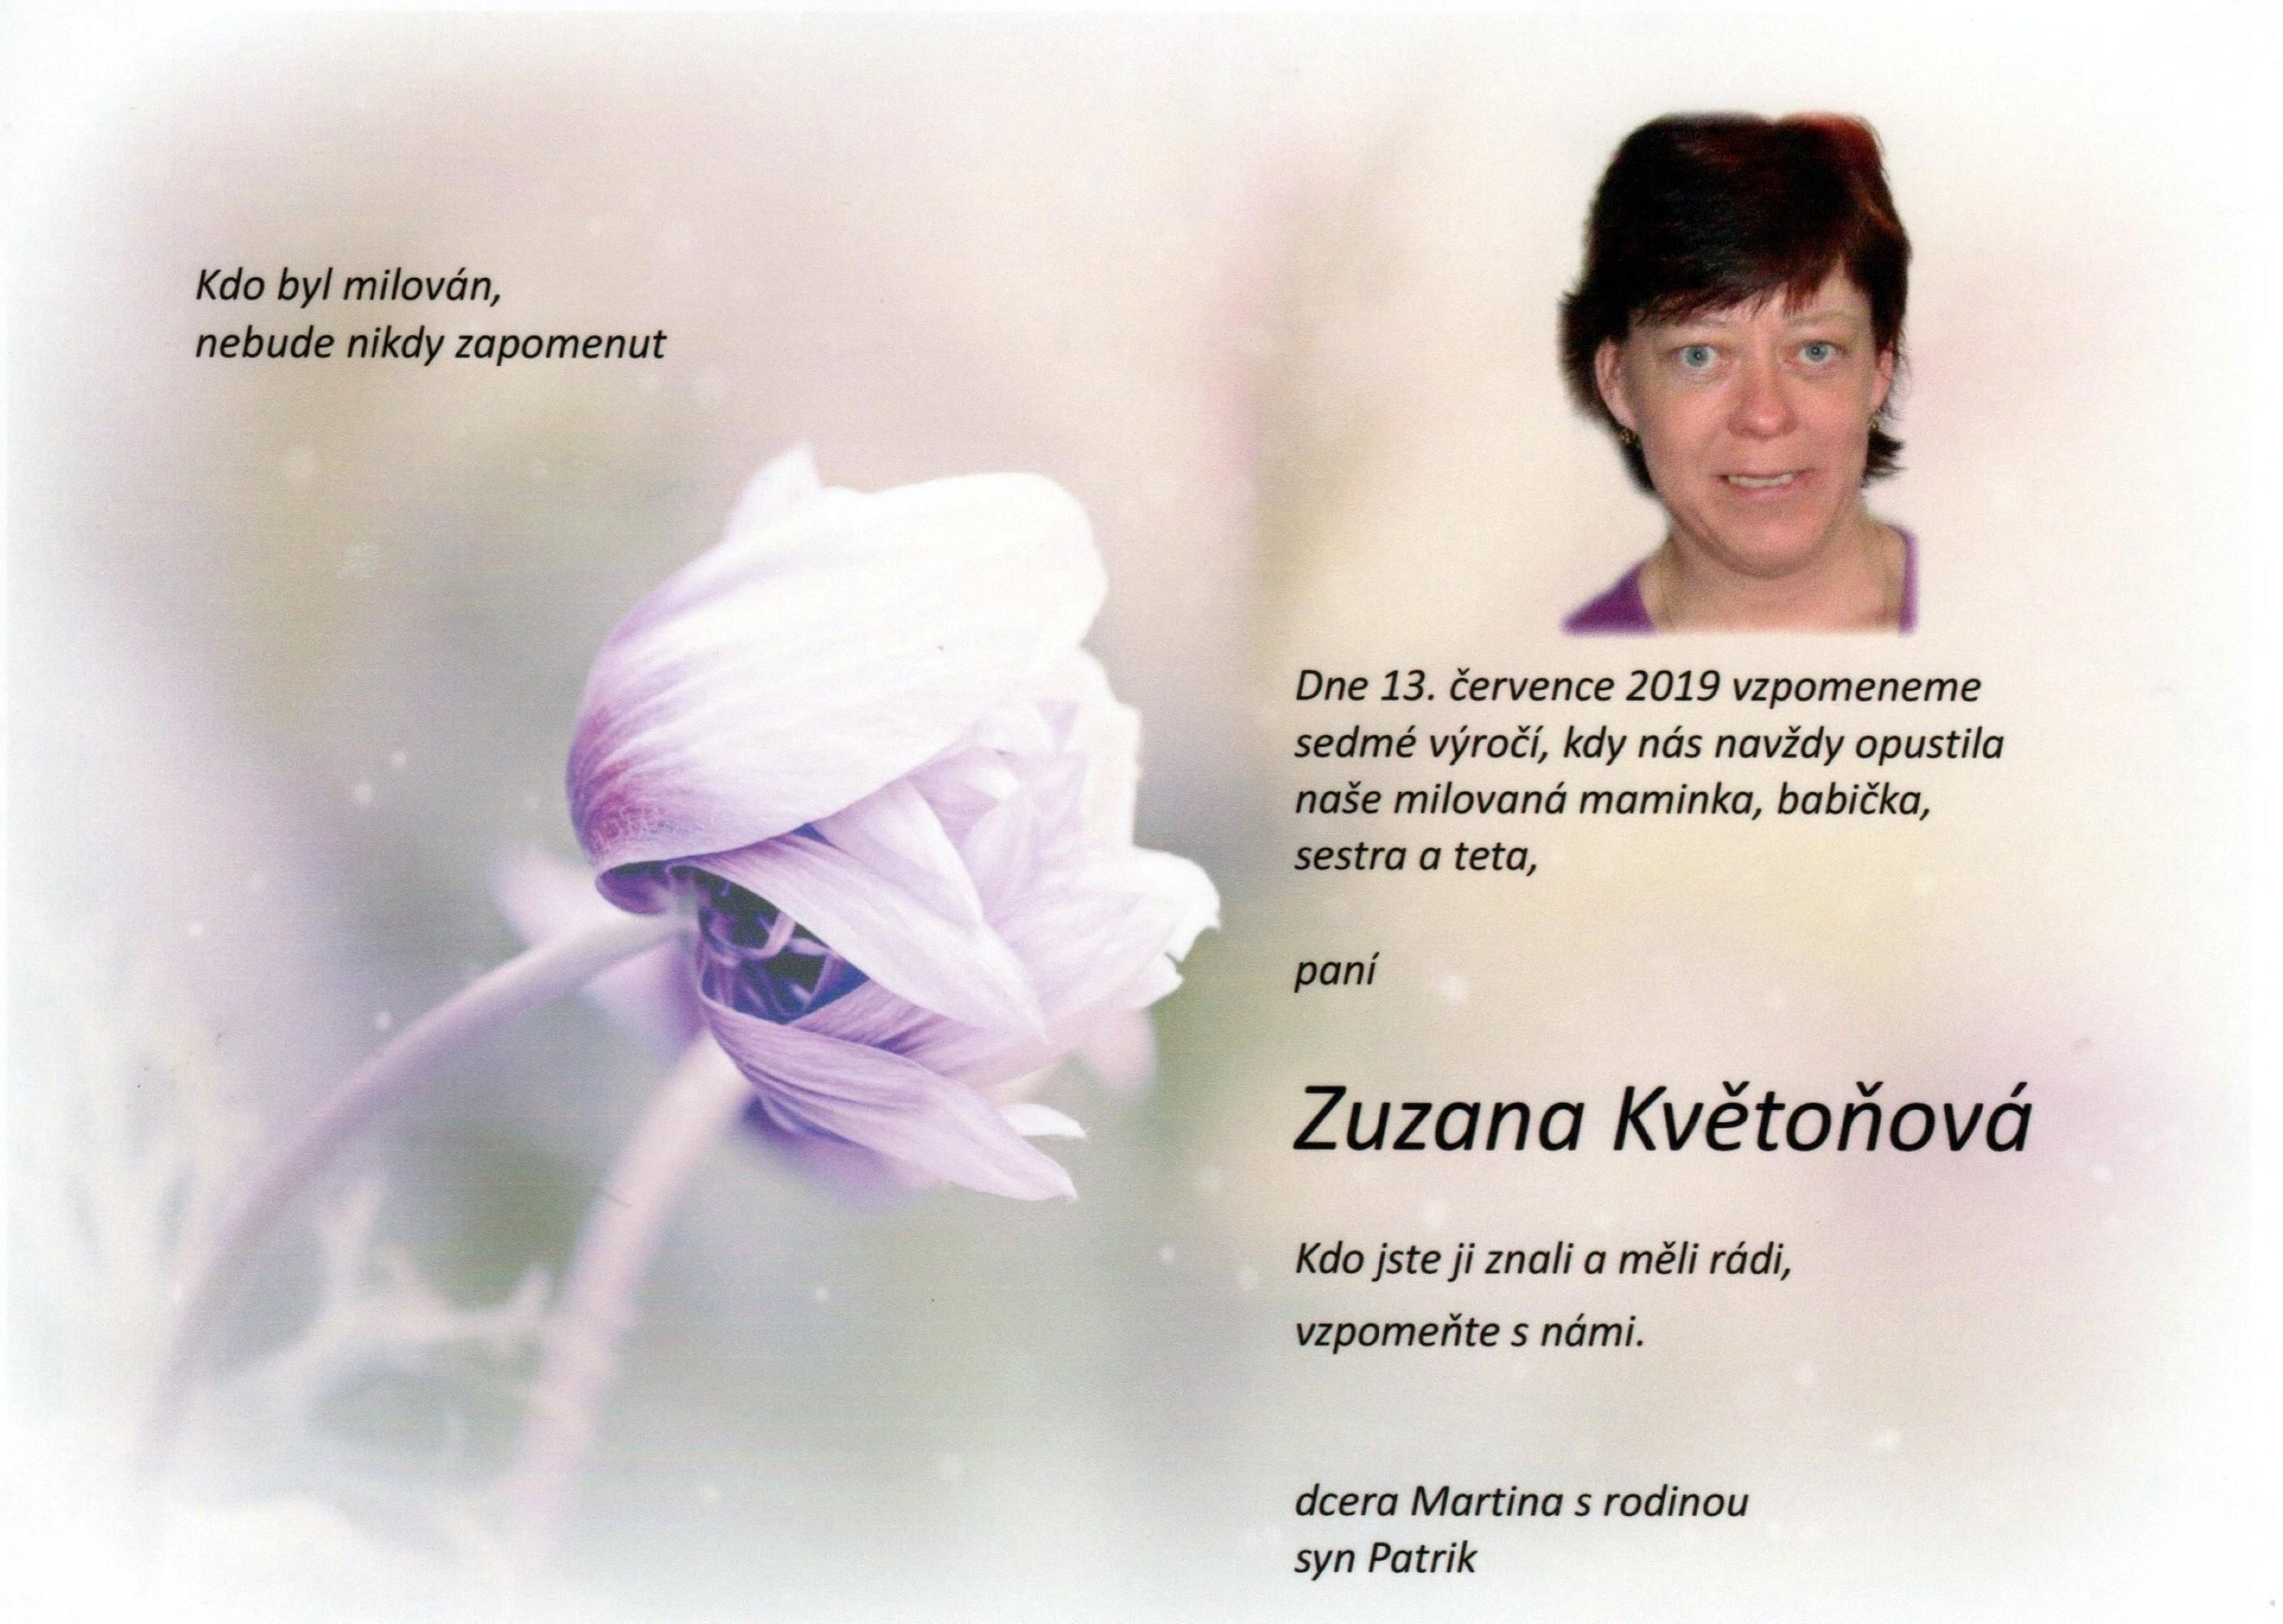 Zuzana Květoňová